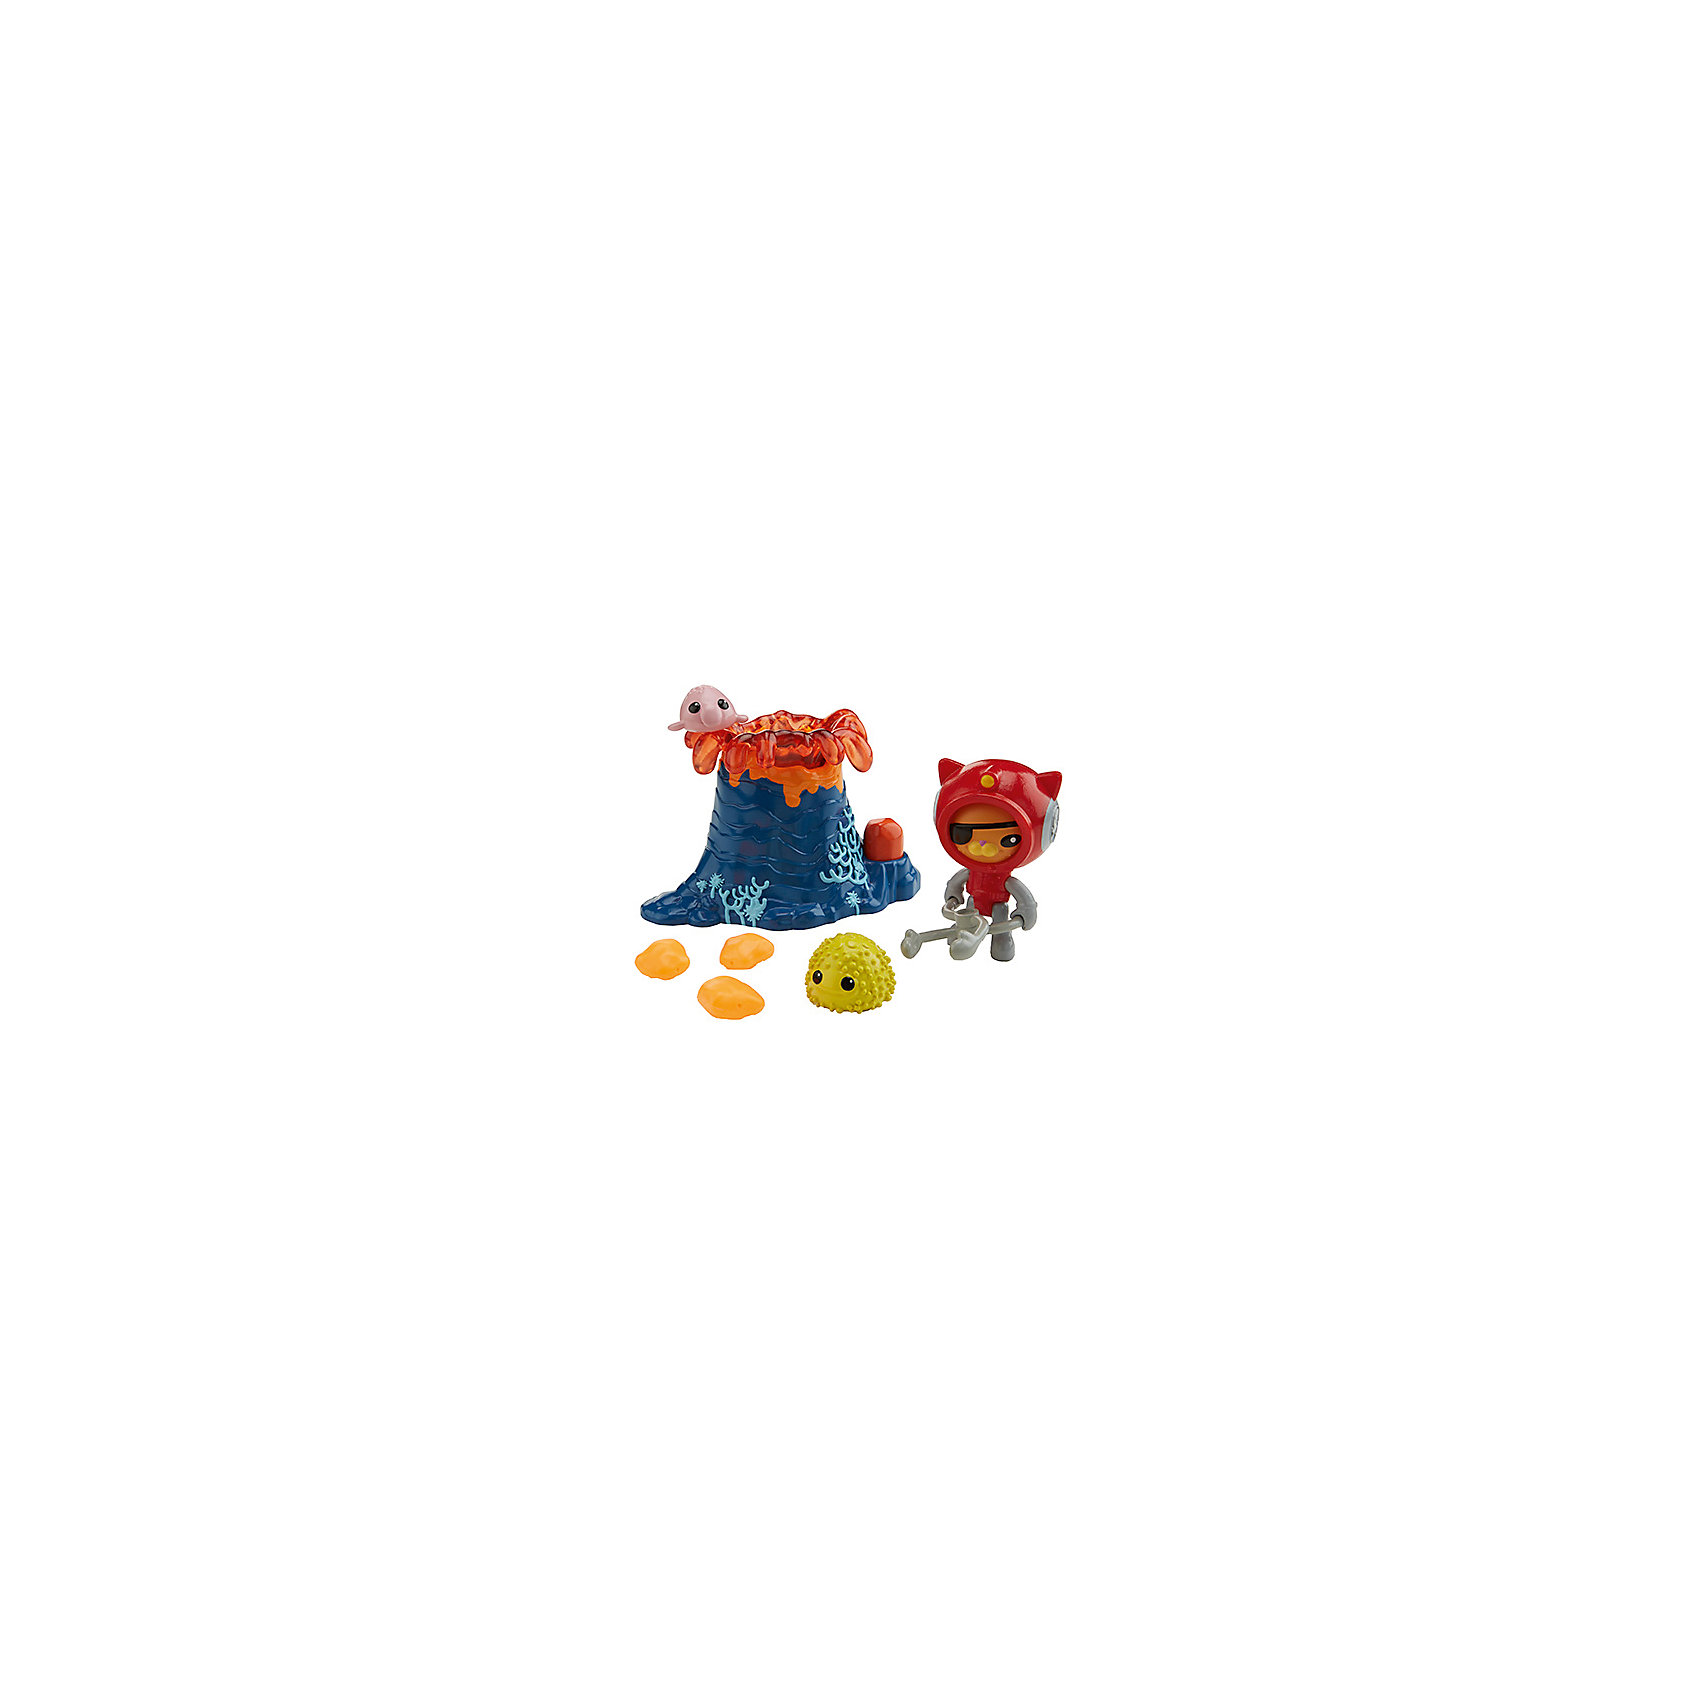 Набор фигурок с транспортом, Октонавты, Fisher PriceКоллекционные и игровые фигурки<br>Набор фигурок с транспортом, Октонавты, Fisher Price (Фишер Прайс)<br><br>Характеристики:<br><br>• в комплекте: фигурка Квази, вулкан, морской ёж, рыбка, 3 куска лавы, инструмент спасателя<br>• размер упаковки: 16,5х6,5х30 см<br>• вес: 200 грамм<br>• материал: пластик<br><br>Кот Квази - один из членов отряда Октонавтов. Он очень любит исследовать морские глубины и помогать тем, кто попал в неприятную ситуацию. В набор от Фишер Прайс входит всё необходимое для создания увлекательного путешествия Квази. Ребенок сможет изобразить извержение вулкана, от которого могут пострадать рыбка и морской ёж. Но, конечно же, отважный Квази придет к ним на помощь, а специальный инструмент поможет ему. С таким прекрасным набором ребенок весело проведет время!<br><br>Набор фигурок с транспортом, Октонавты, Fisher Price (Фишер Прайс) вы можете купить в нашем интернет-магазине.<br><br>Ширина мм: 240<br>Глубина мм: 40<br>Высота мм: 275<br>Вес г: 261<br>Возраст от месяцев: 36<br>Возраст до месяцев: 60<br>Пол: Мужской<br>Возраст: Детский<br>SKU: 4947829